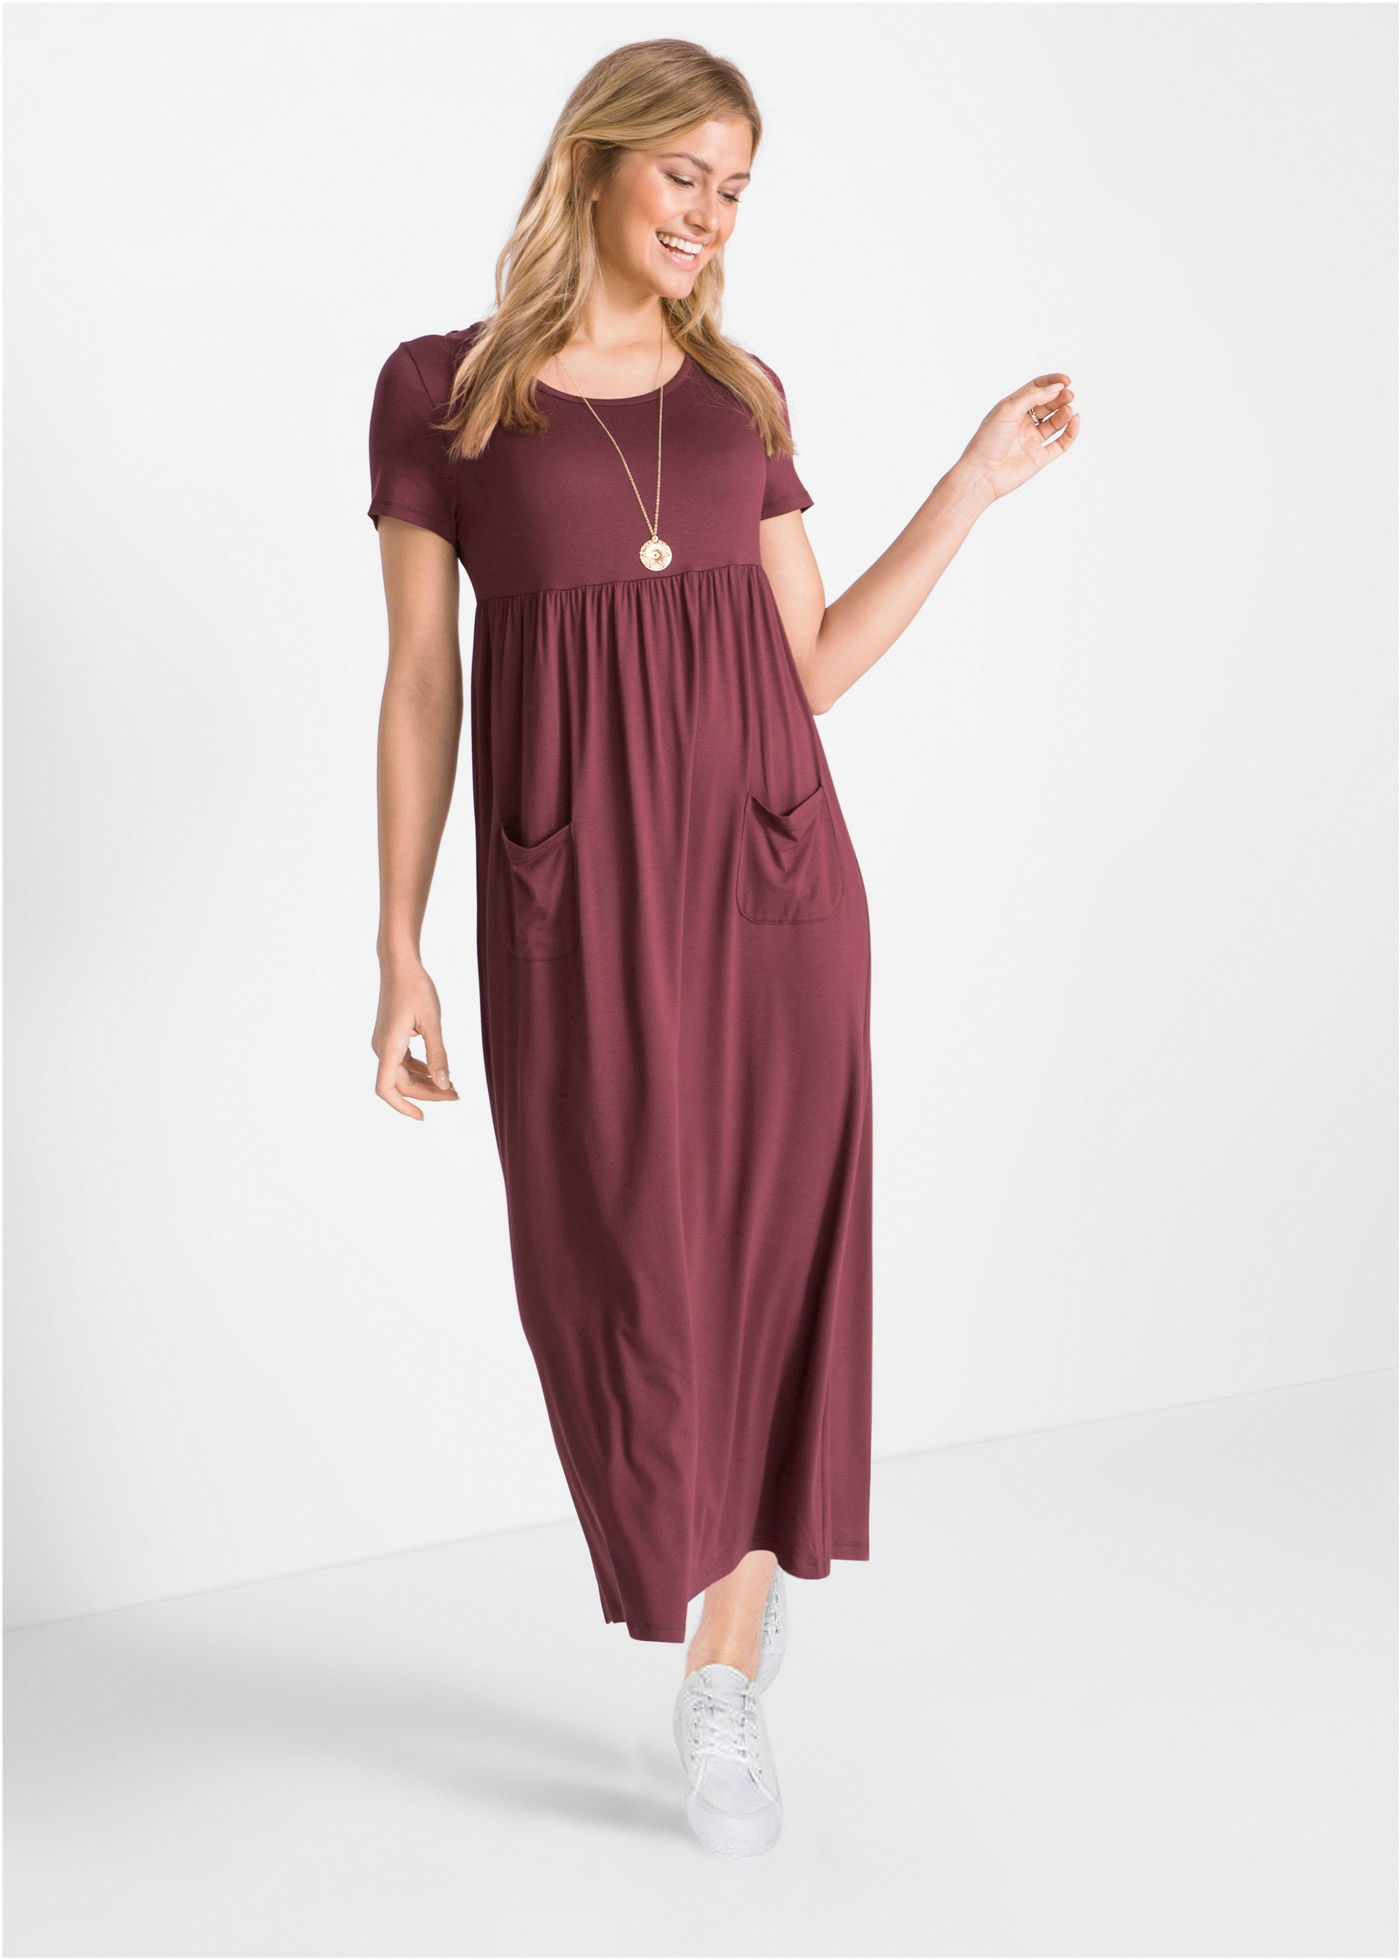 Losjes vallende maxi jurk met een naad in de taille en fijne plooien op het rokdeel. reikt tot op de enkels. ...